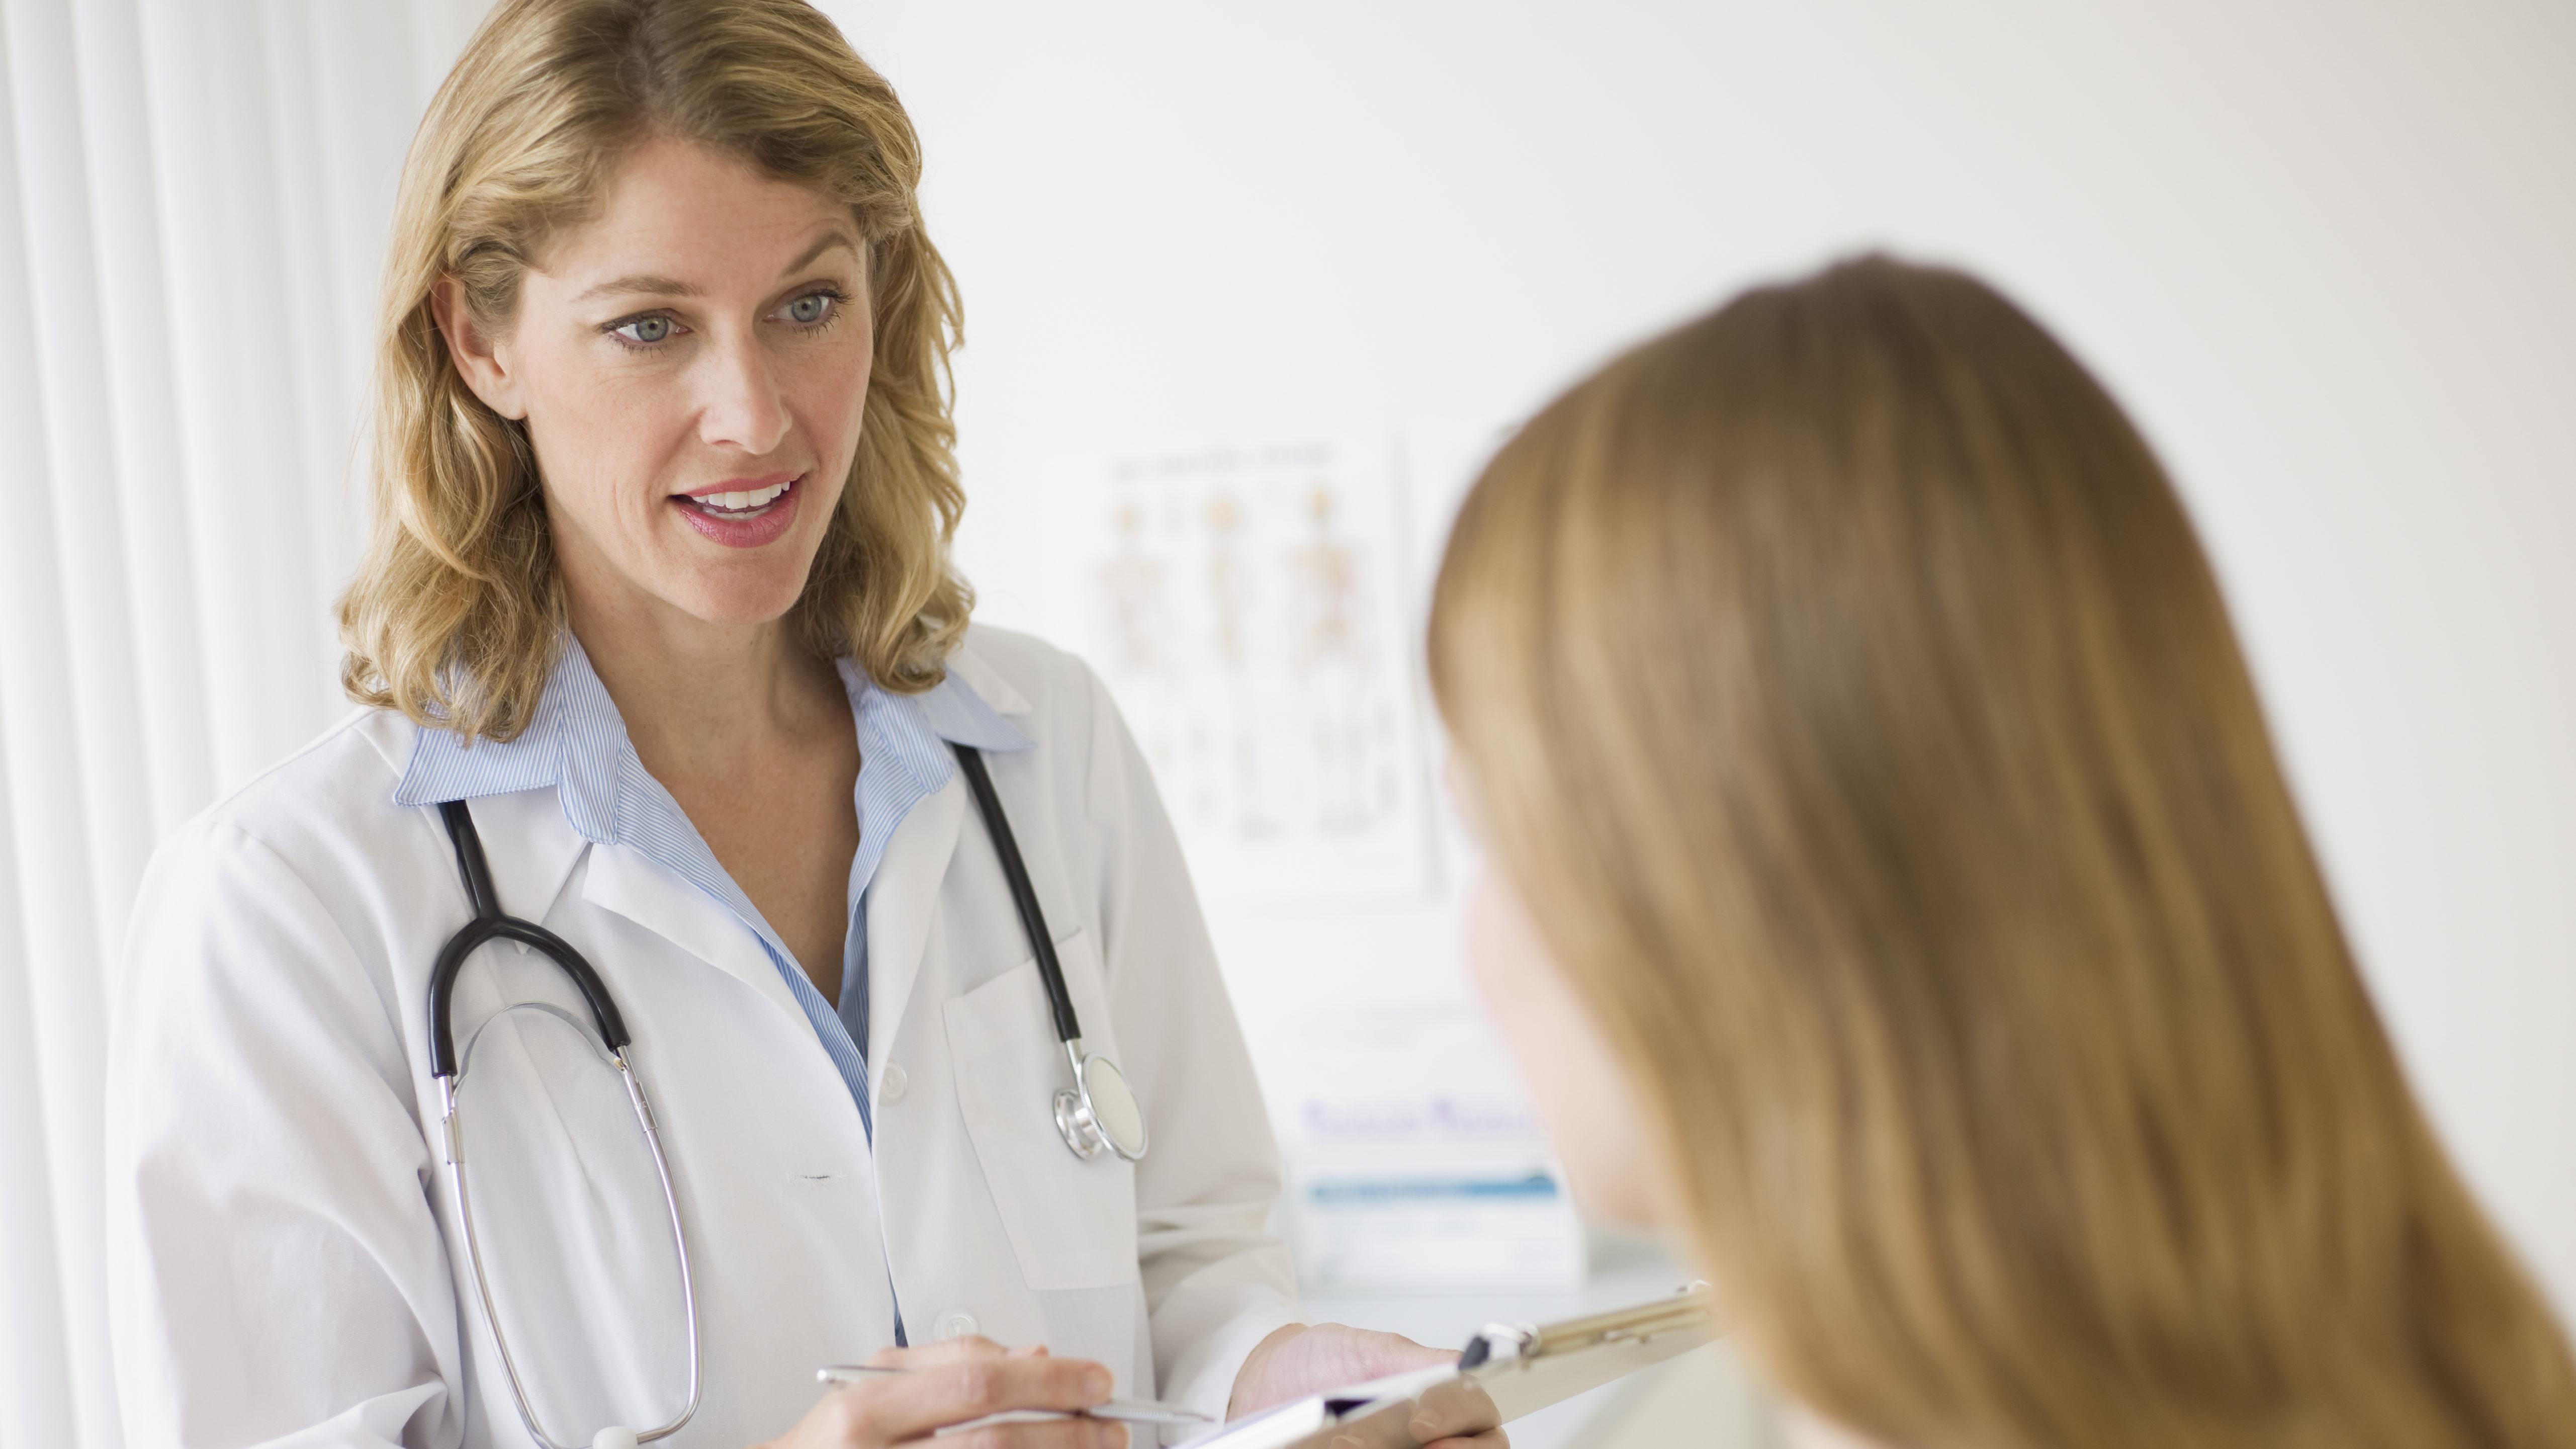 pikkelysömör vagy pityriasis versicolor kezelés krém olcsó pikkelysömör